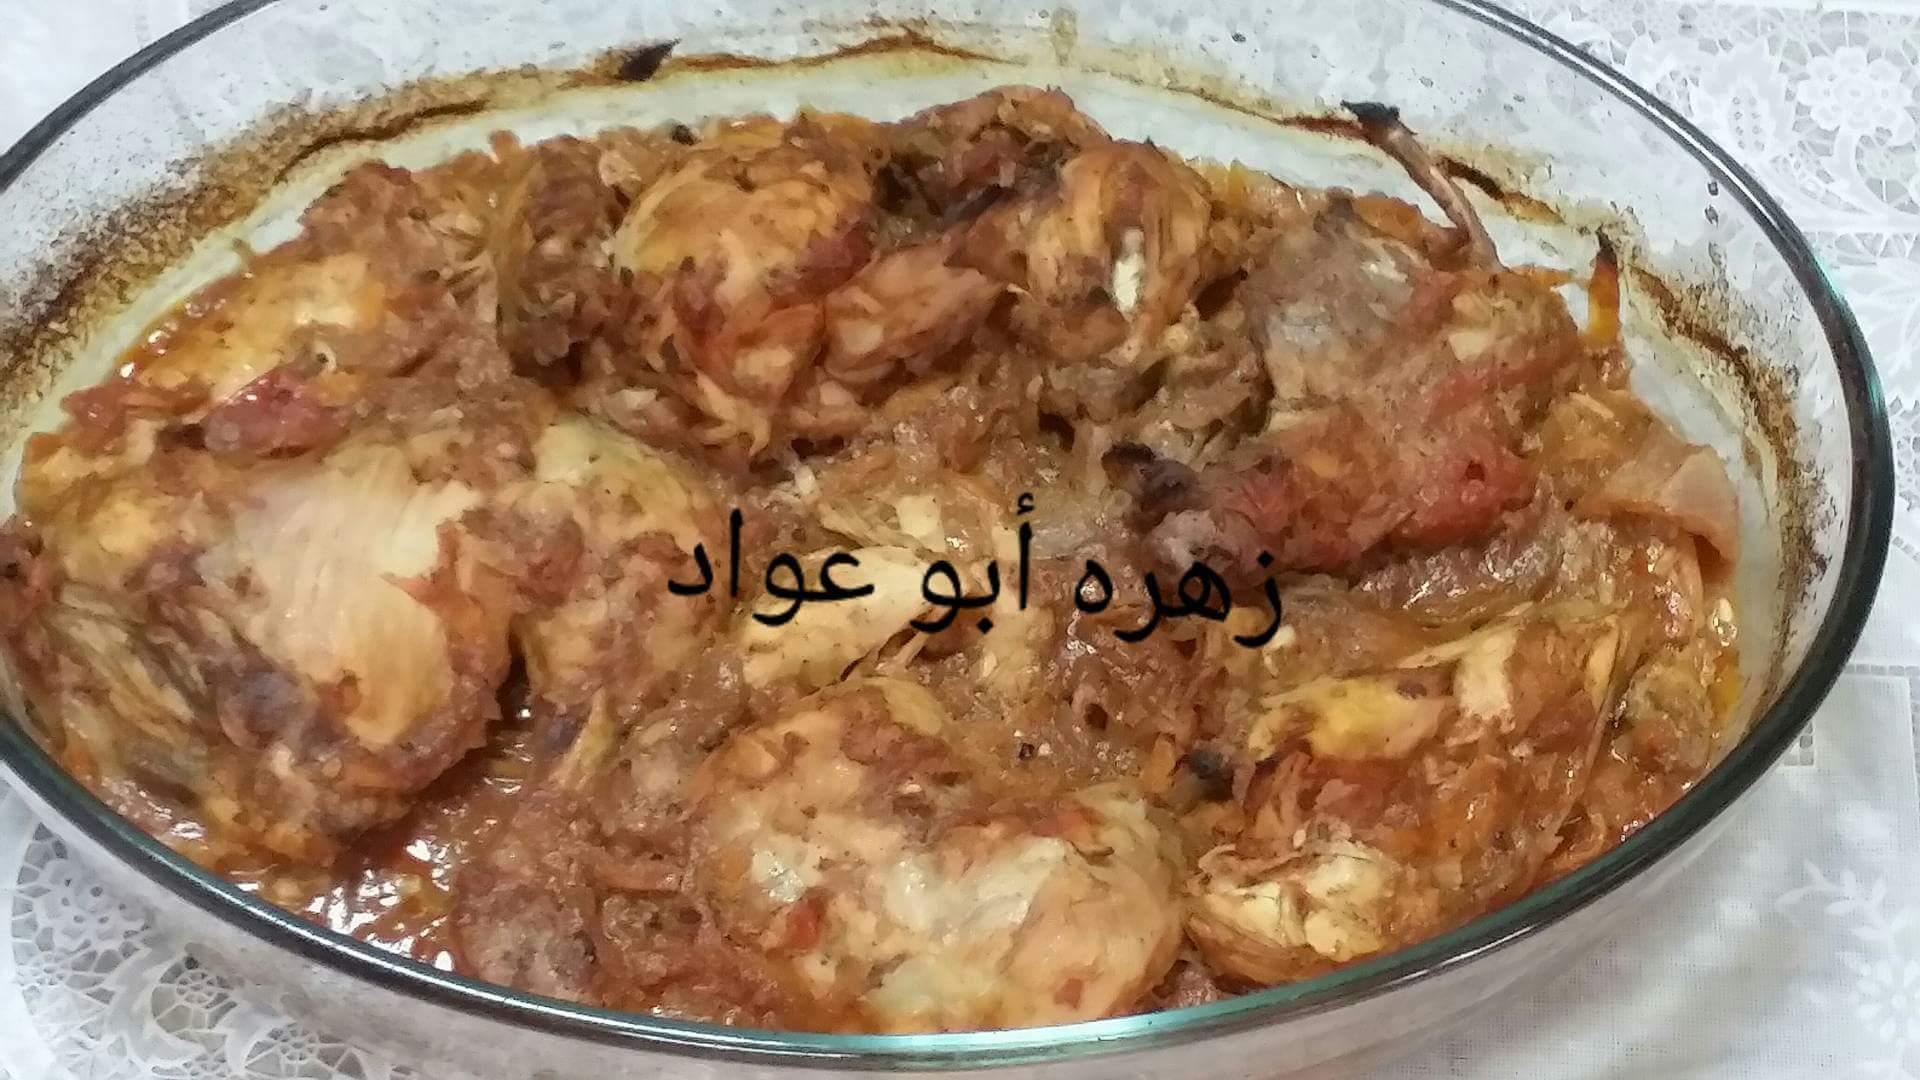 دجاج بتتبيله مميزه وطعم روووووعة